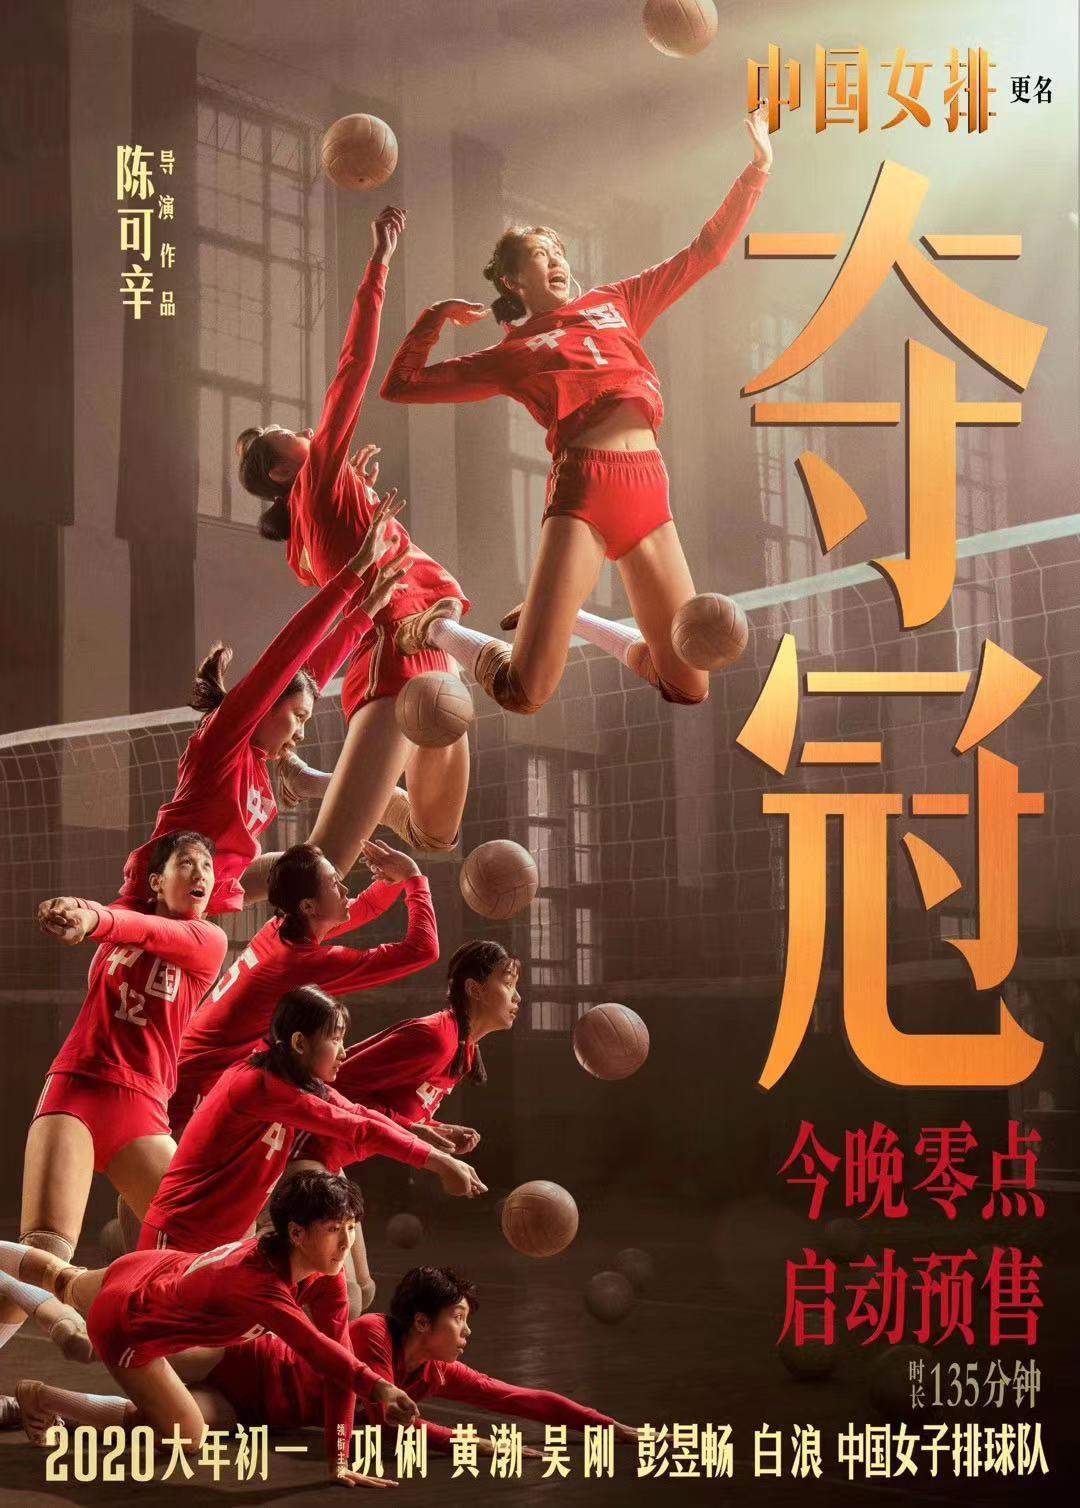 大年初一!电影《夺冠》讲述中国女排为国争光的...